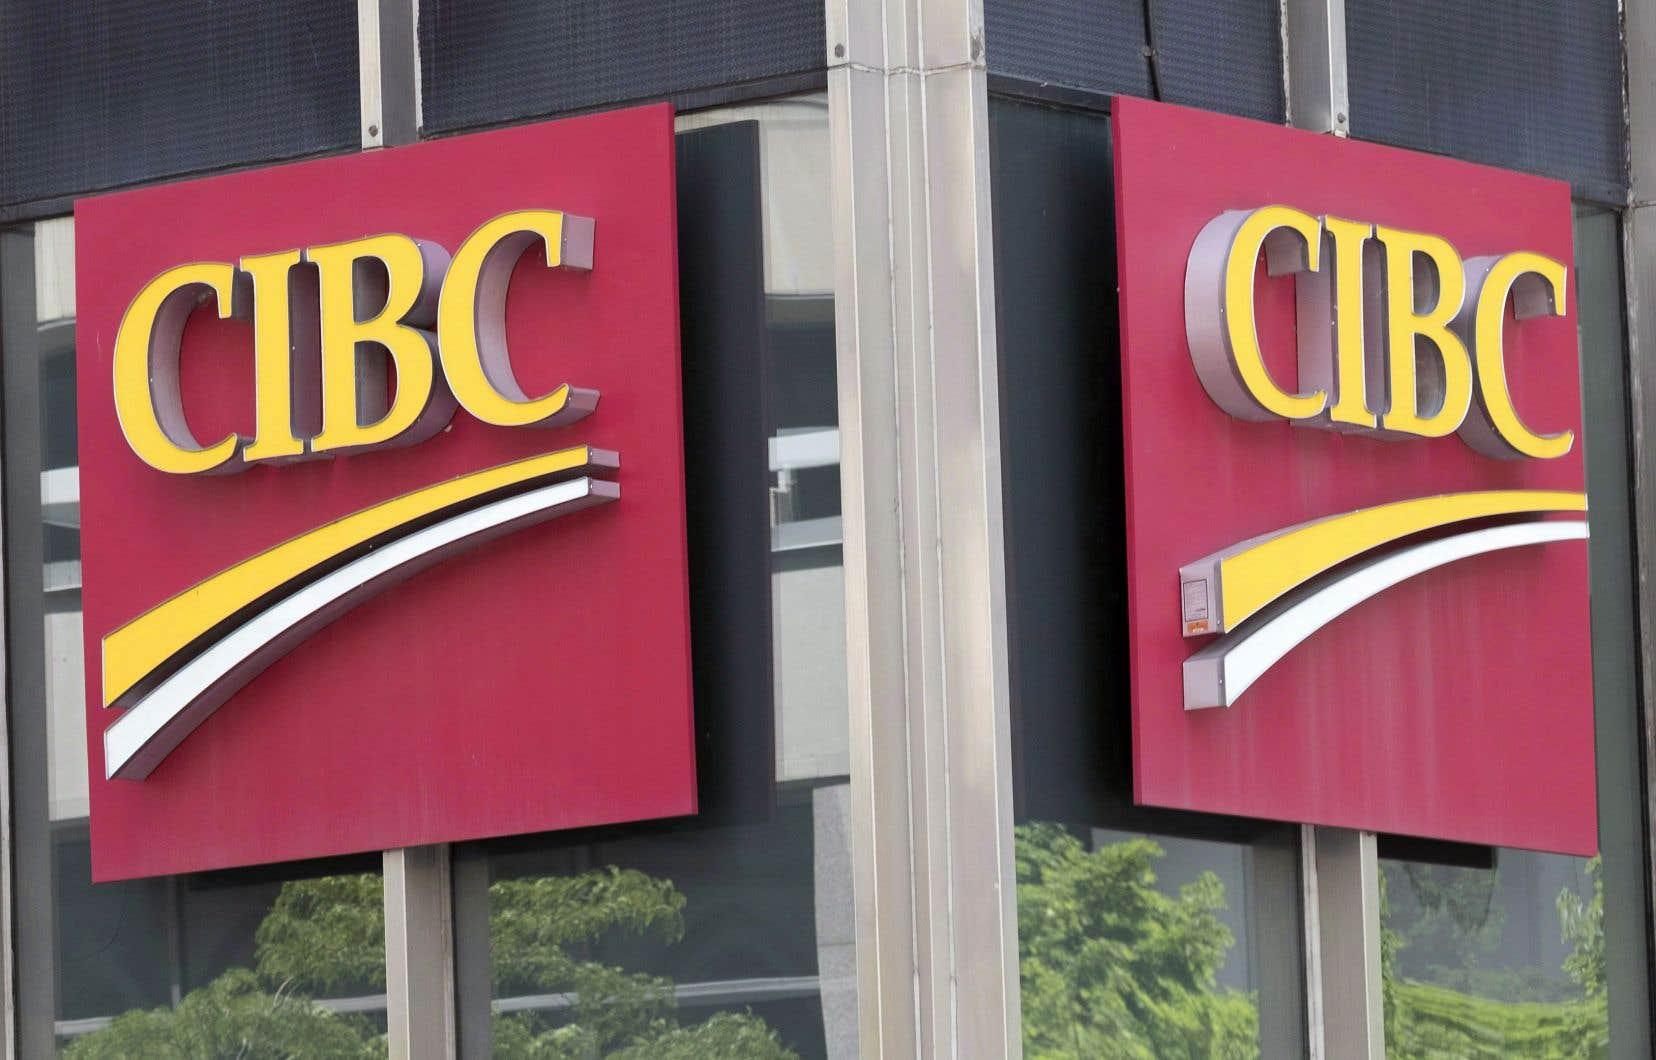 Le prêteur a déclaré un bénéfice net de 1,29 milliard, ou 2,89$ par action, pour le trimestre qui s'est terminé le 30 avril.